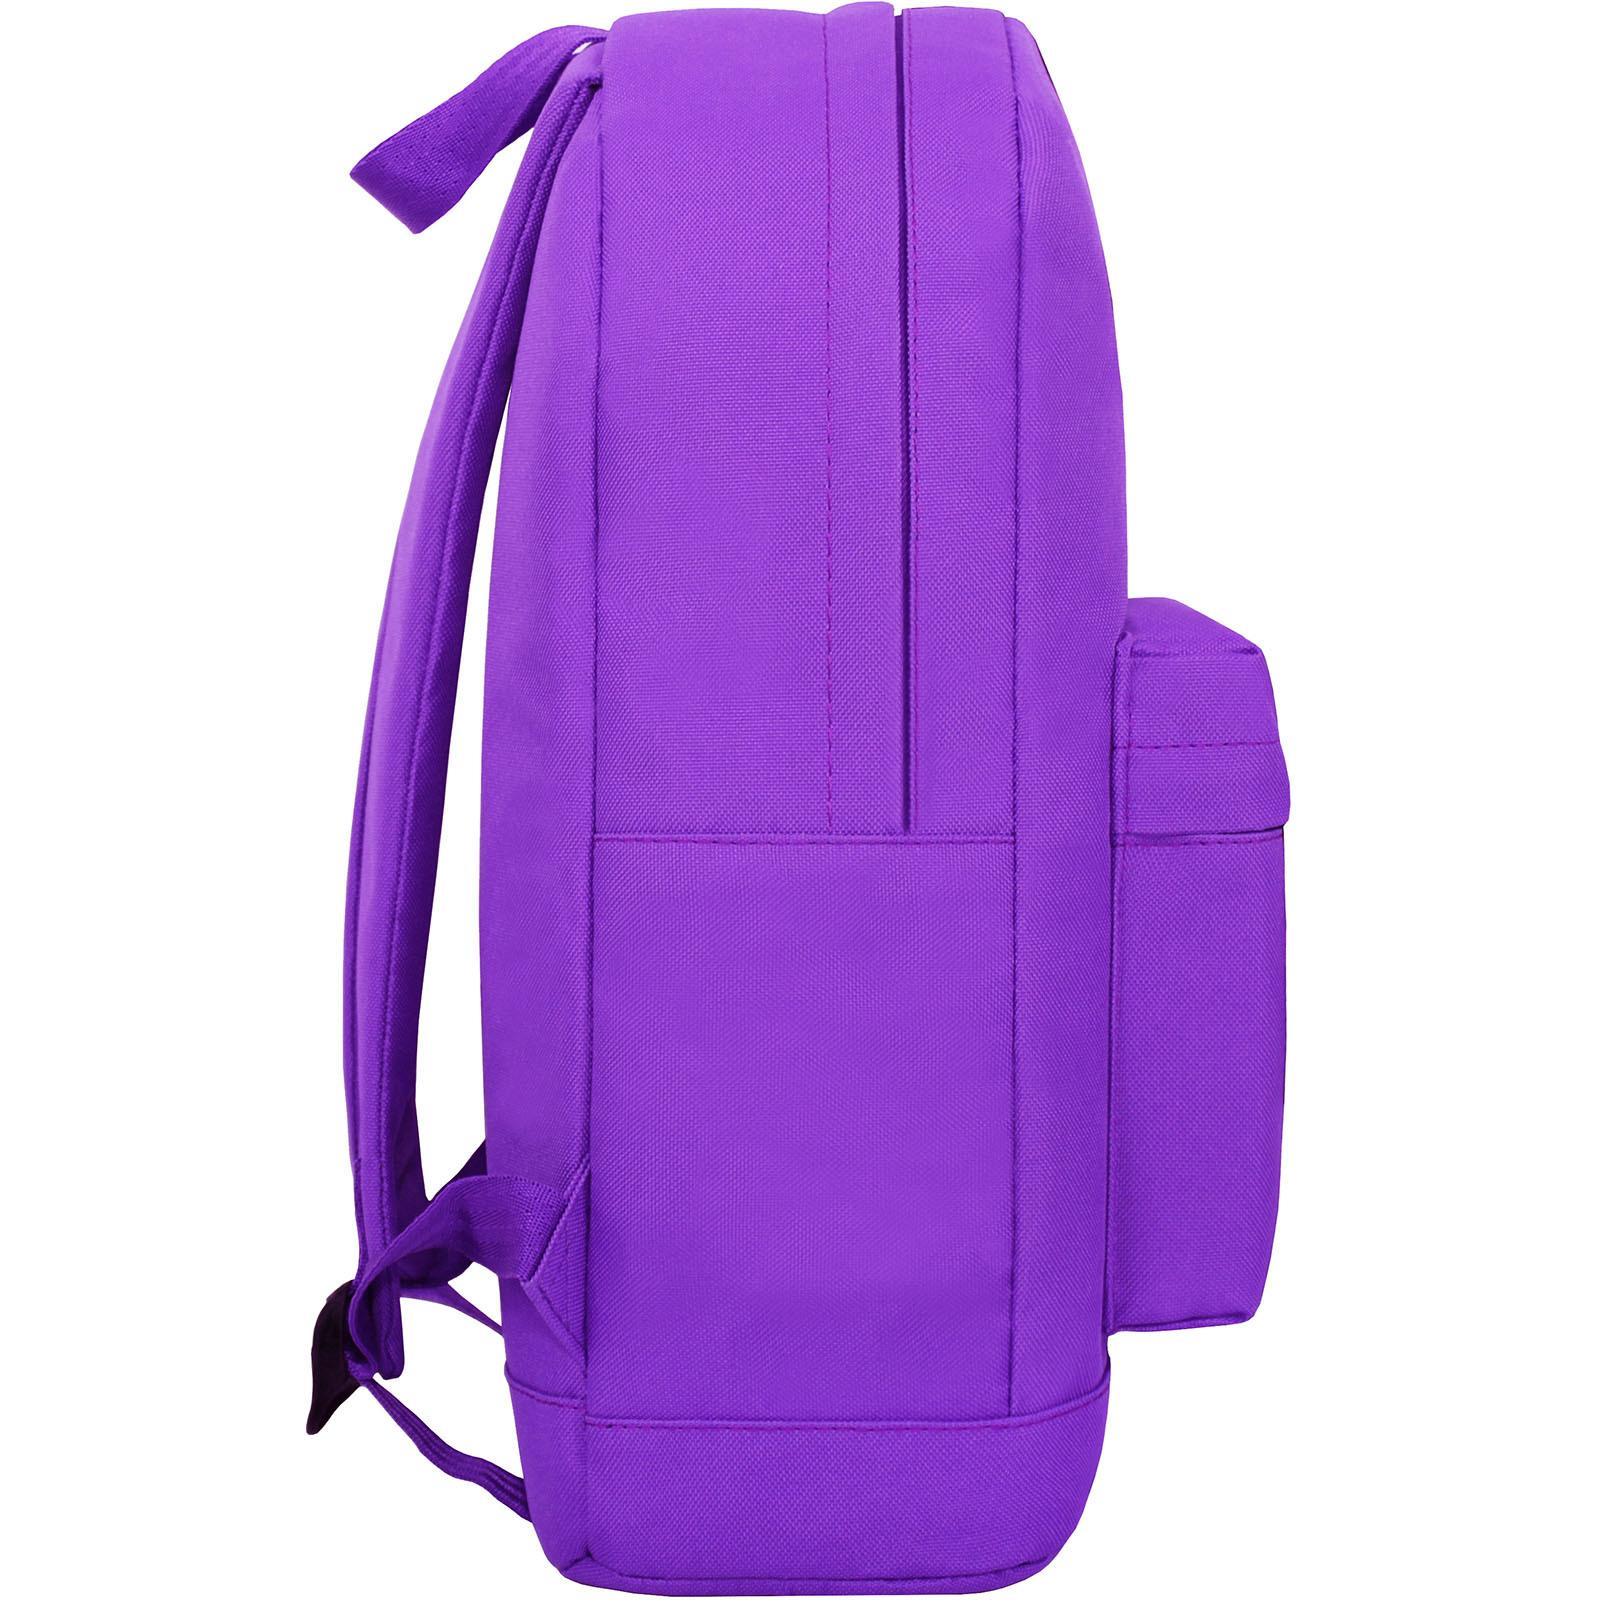 Рюкзак Bagland Молодежный W/R 17 л. Фиолетовый 170 (00533662 Ш) фото 3